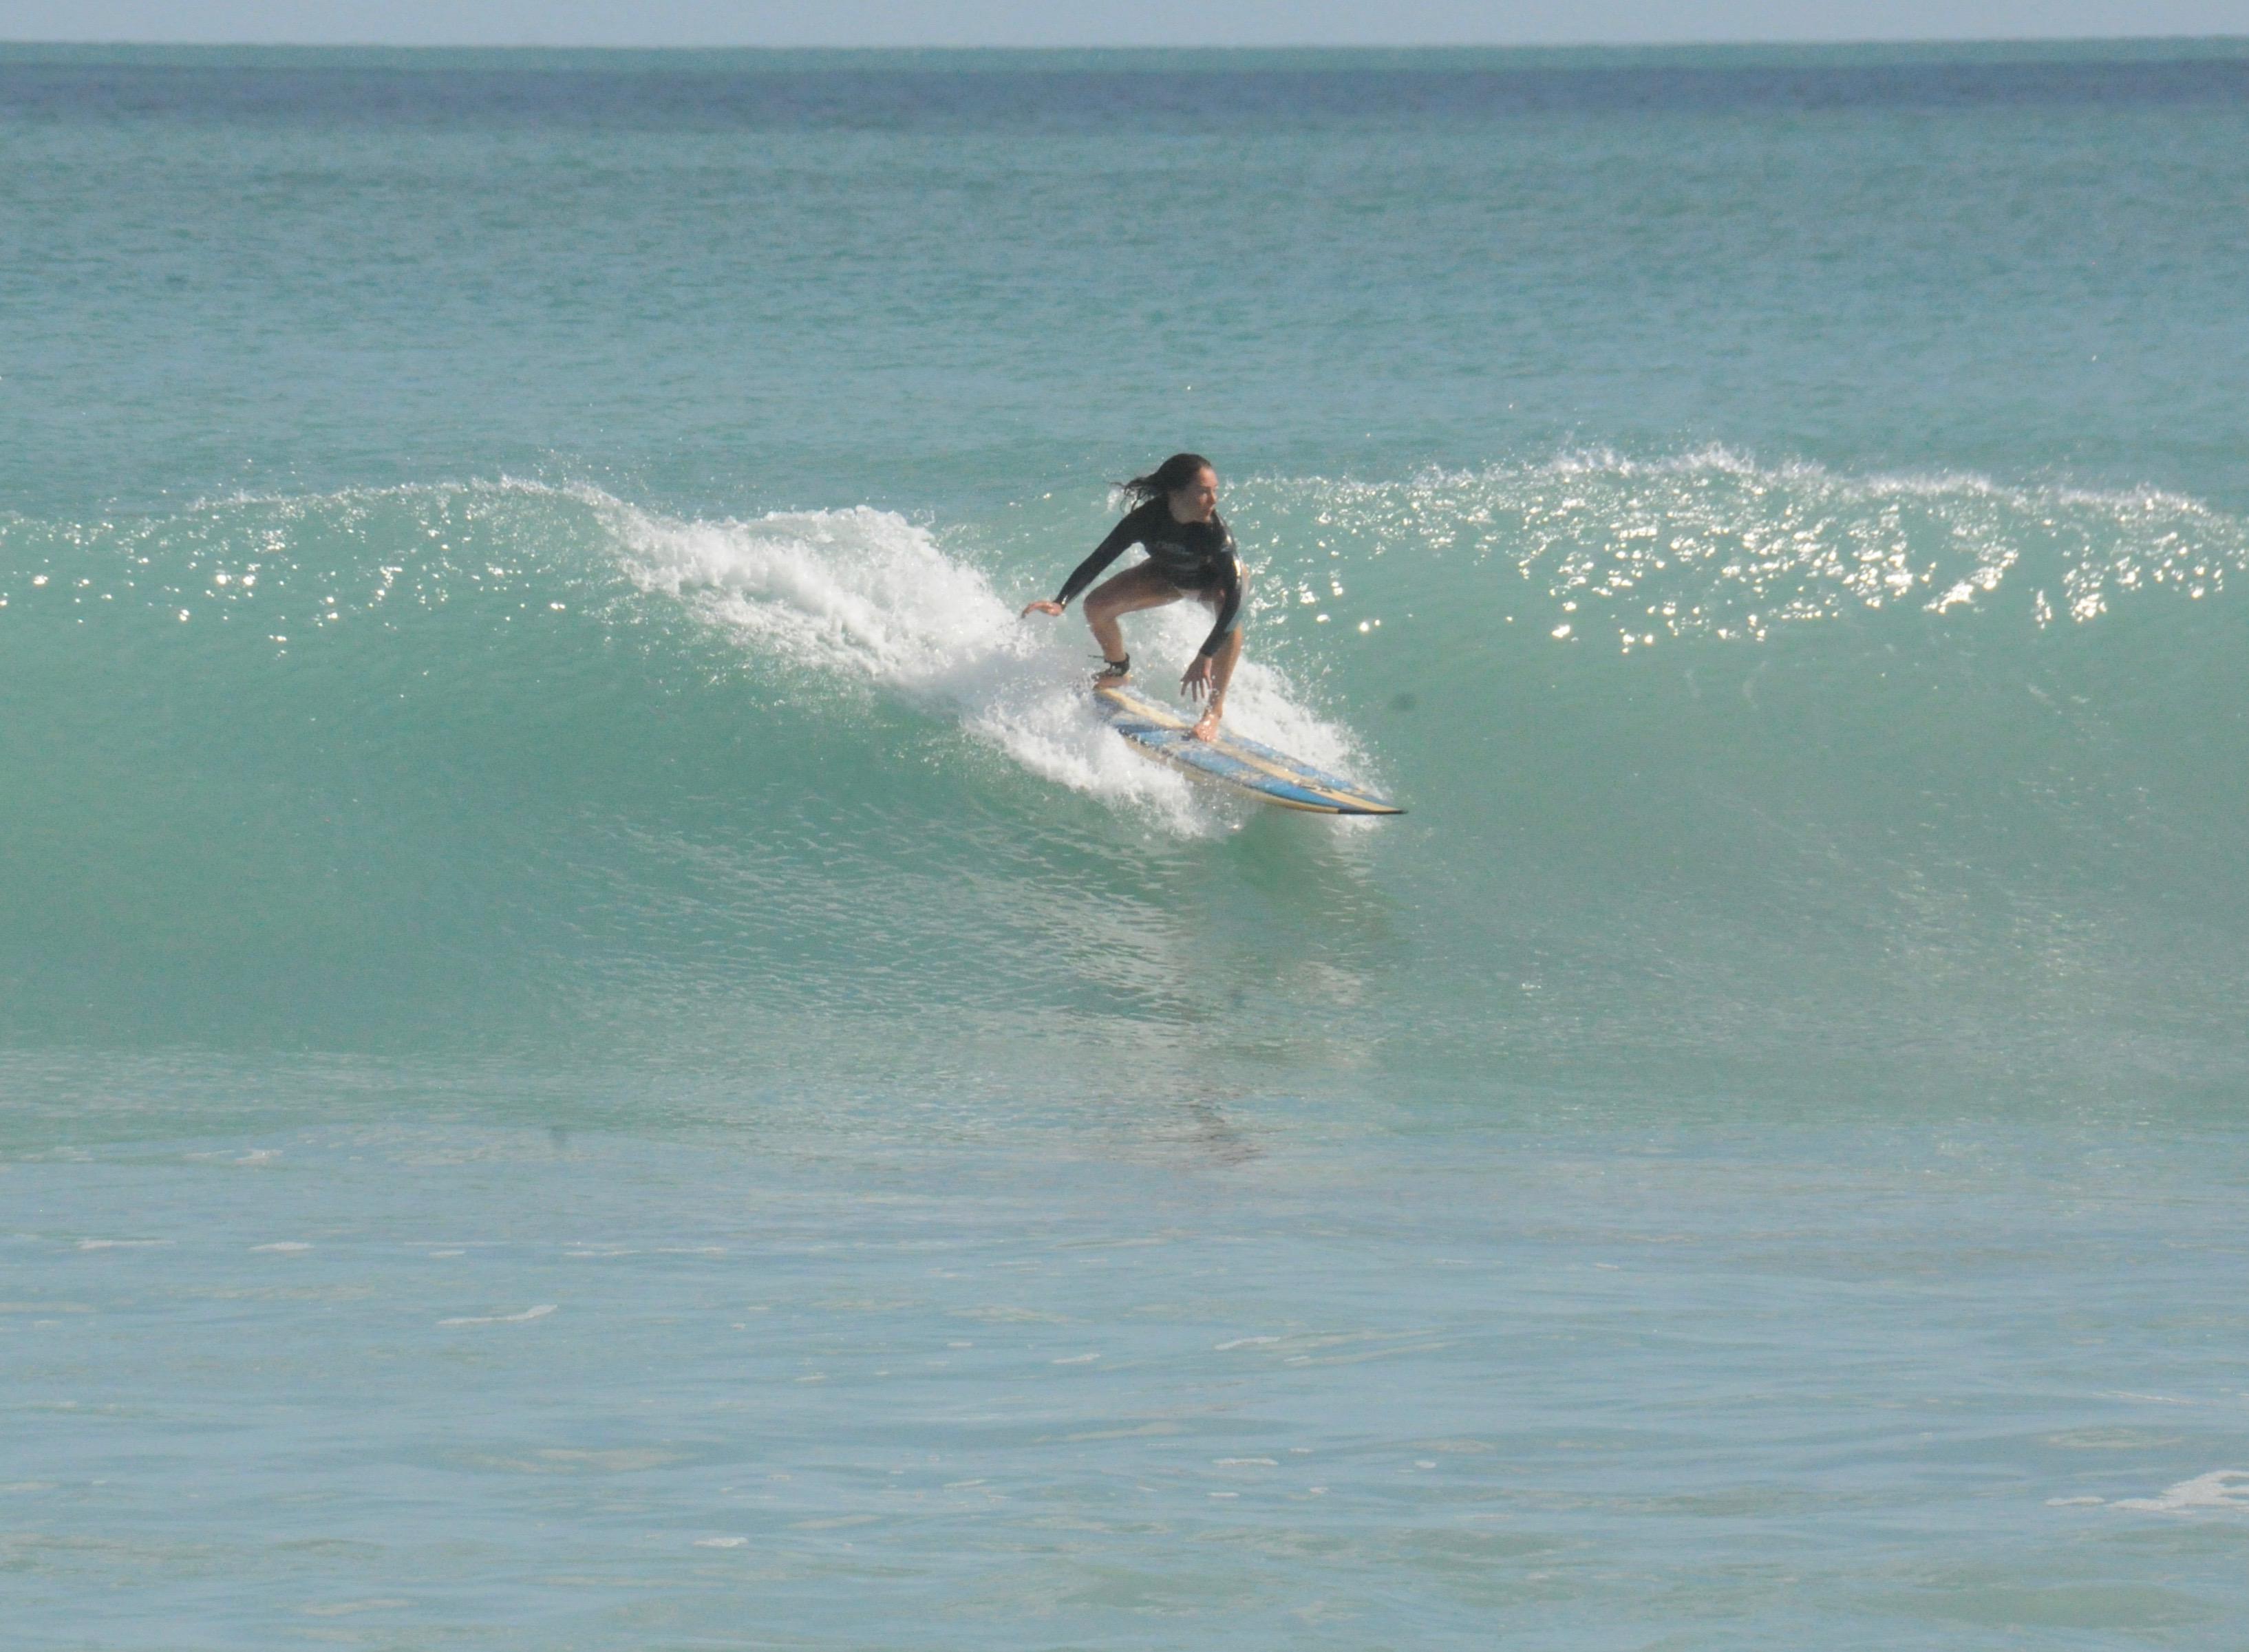 Caseysurf